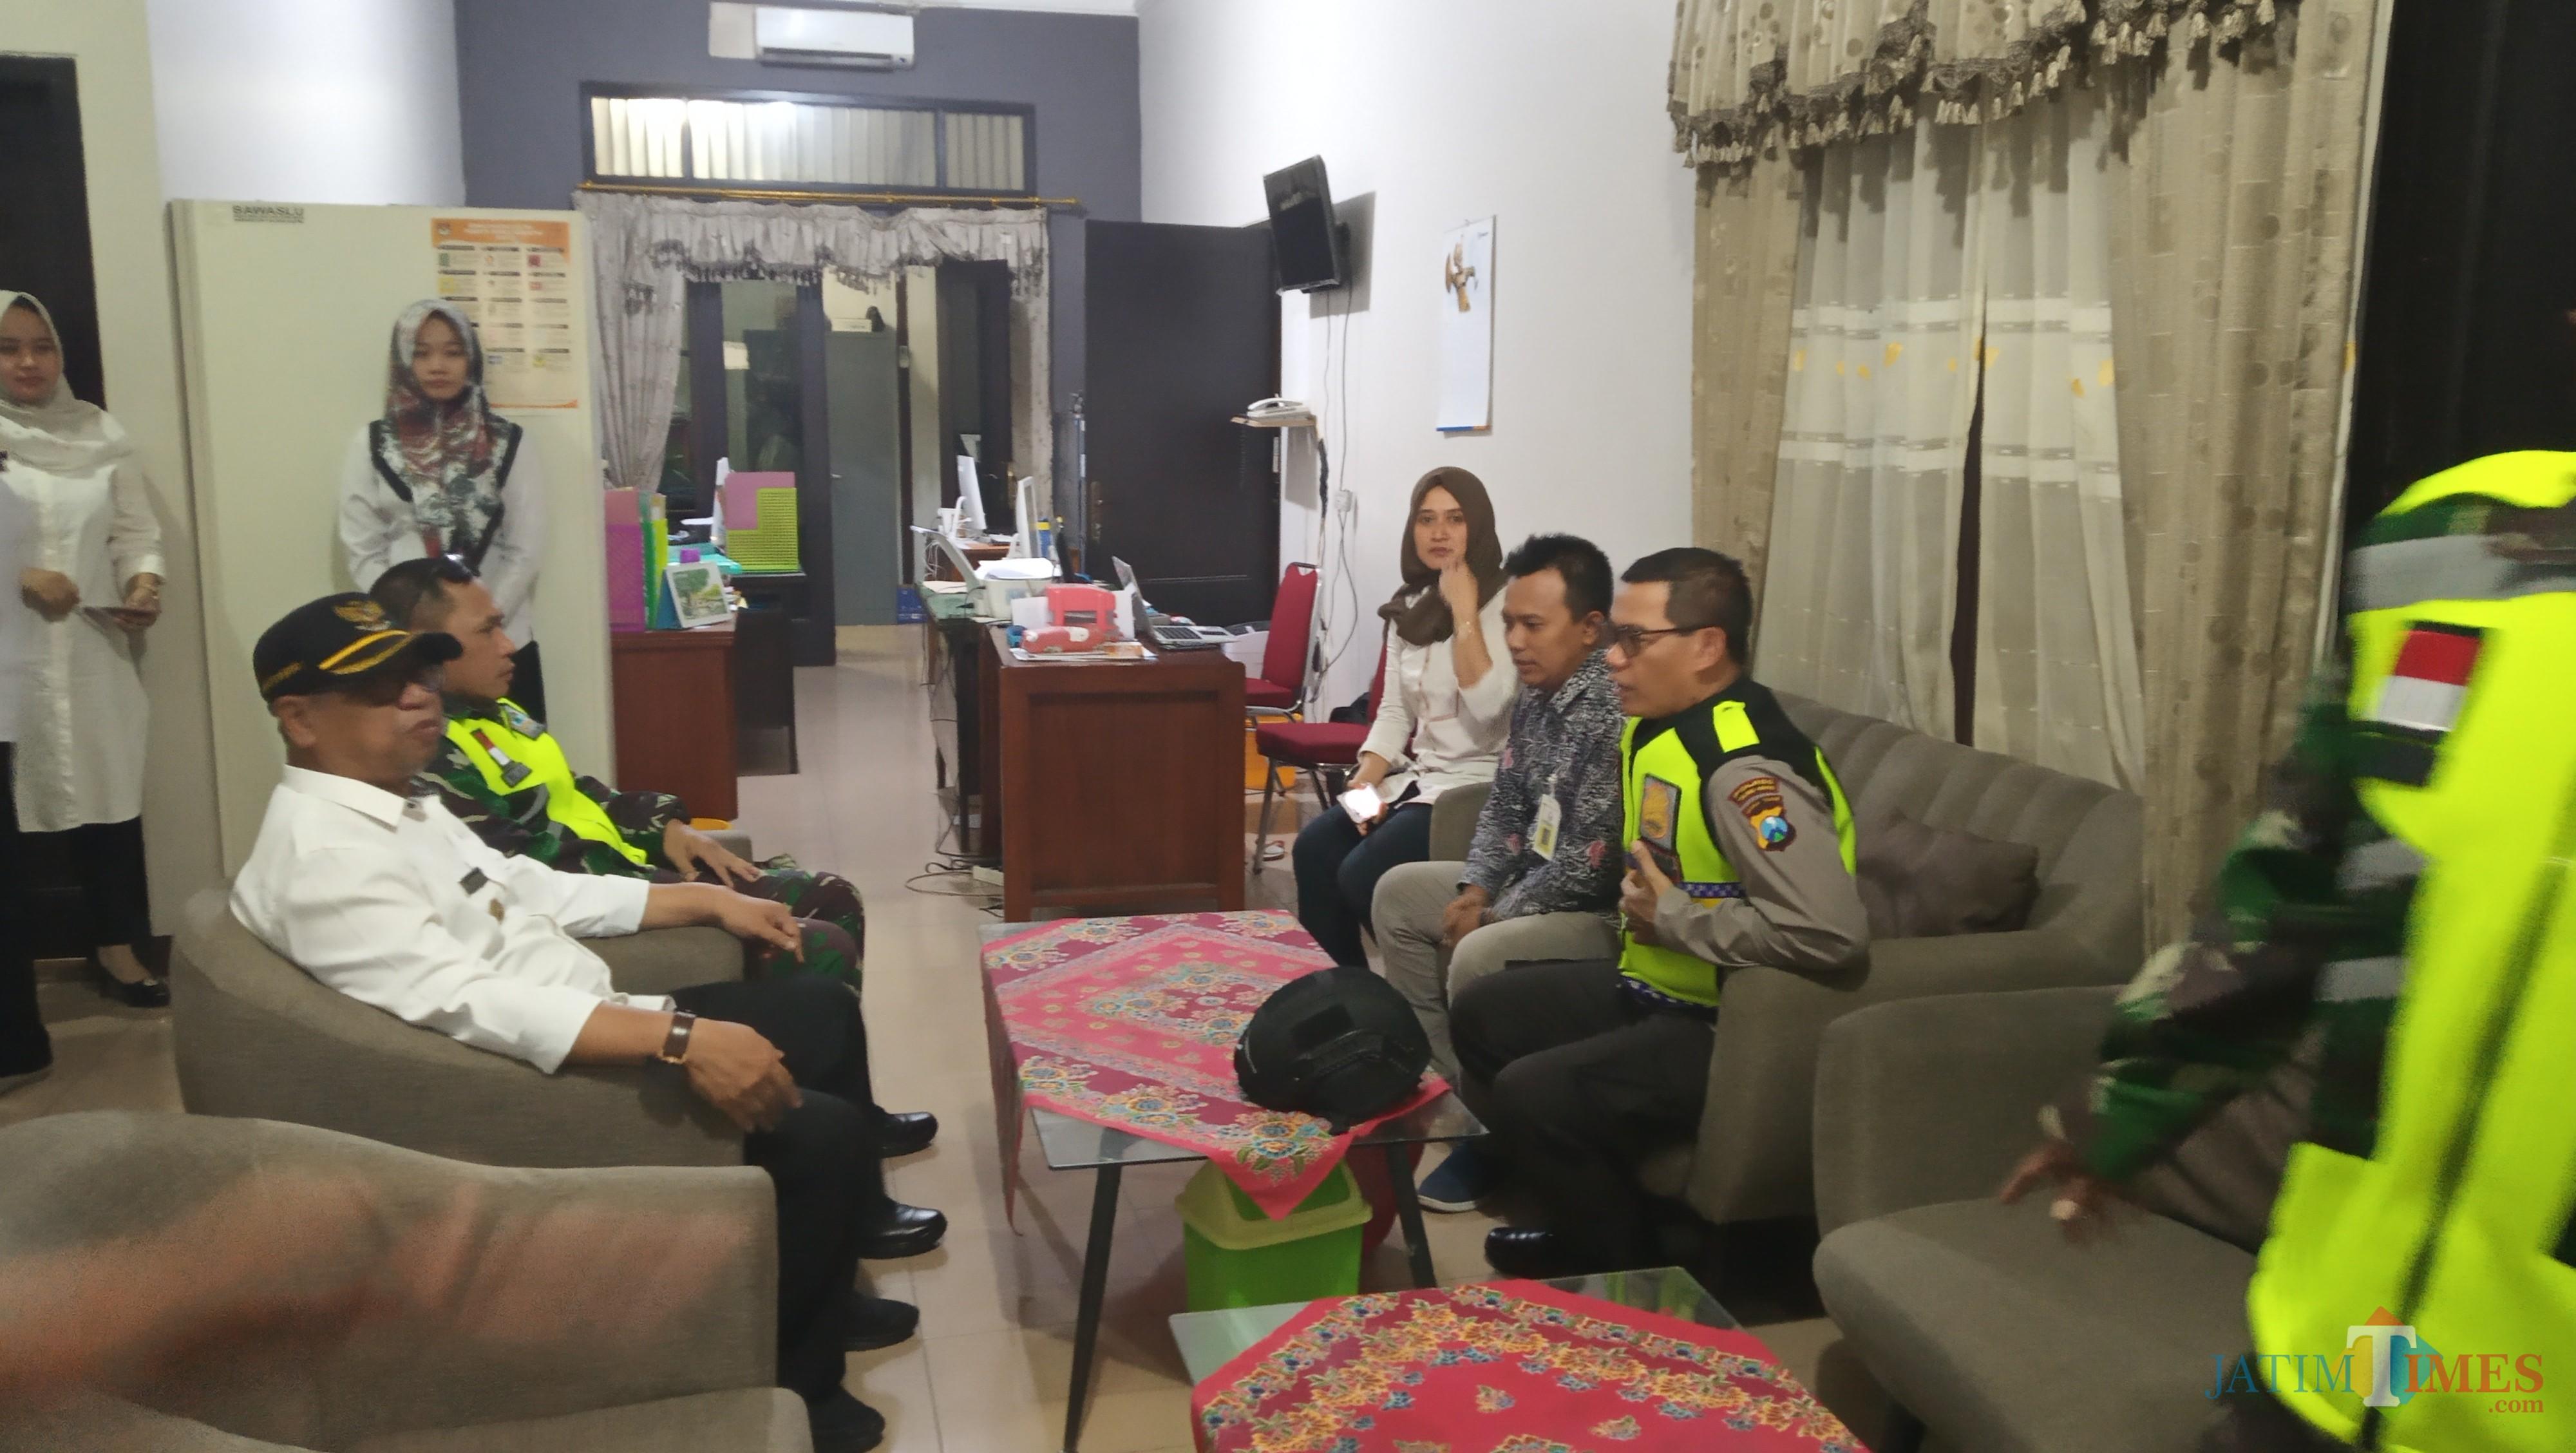 Kapolres,  dandim dan plt bupati saat mengunjungi kantor Bawaslu Tulungagung. (foto : Joko Pramono/jatim times)